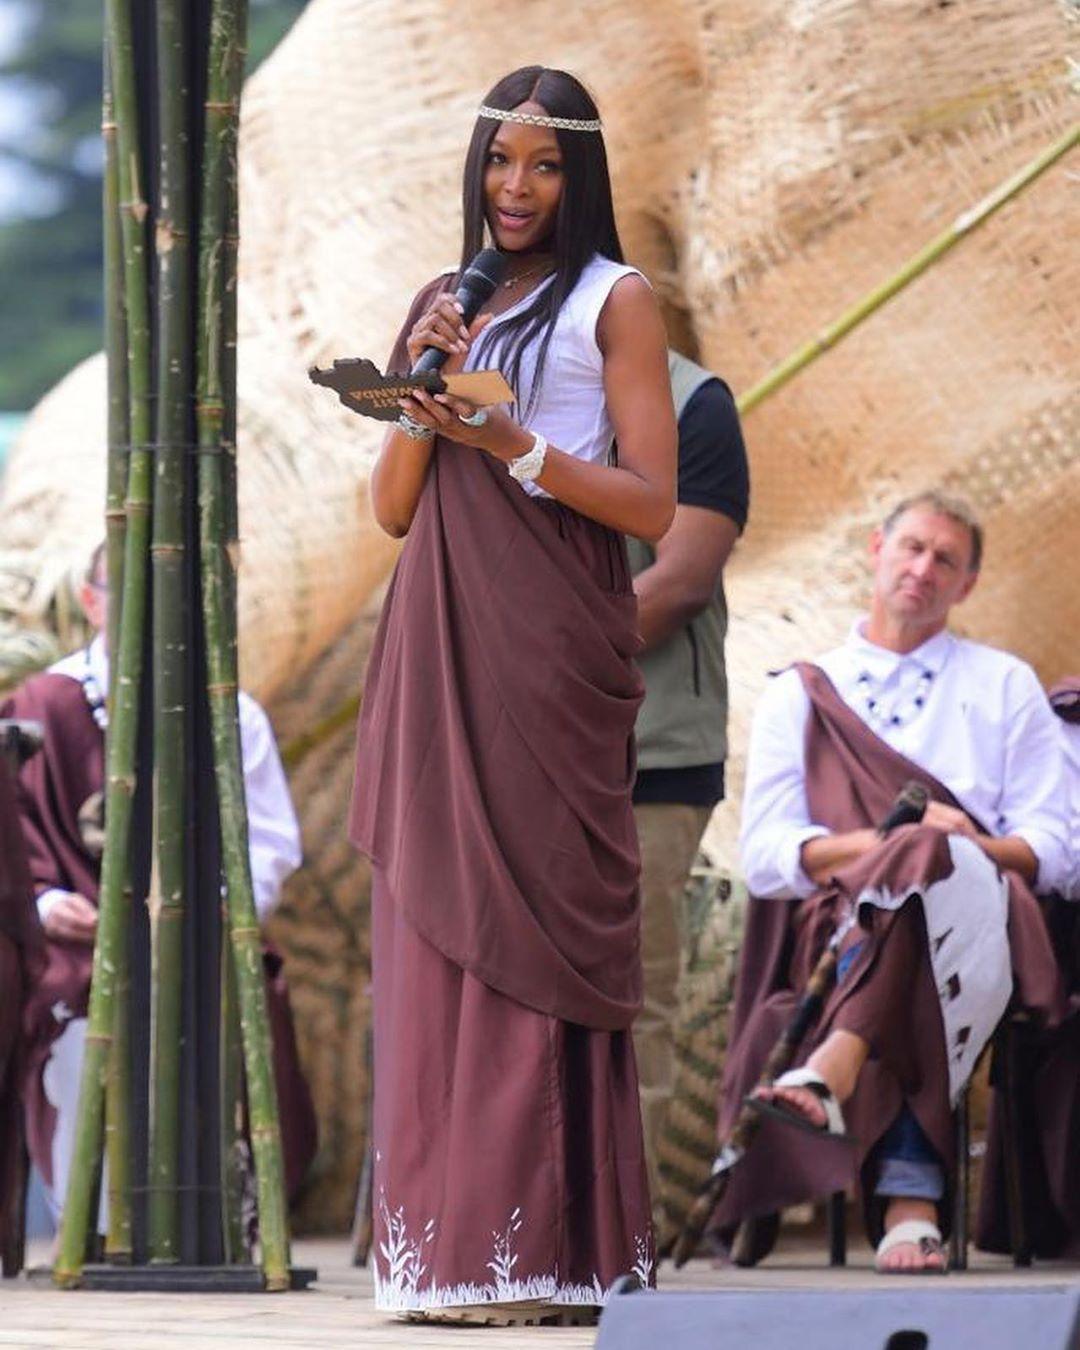 Наоми Кэмпбелл на церемонии Квита Изина